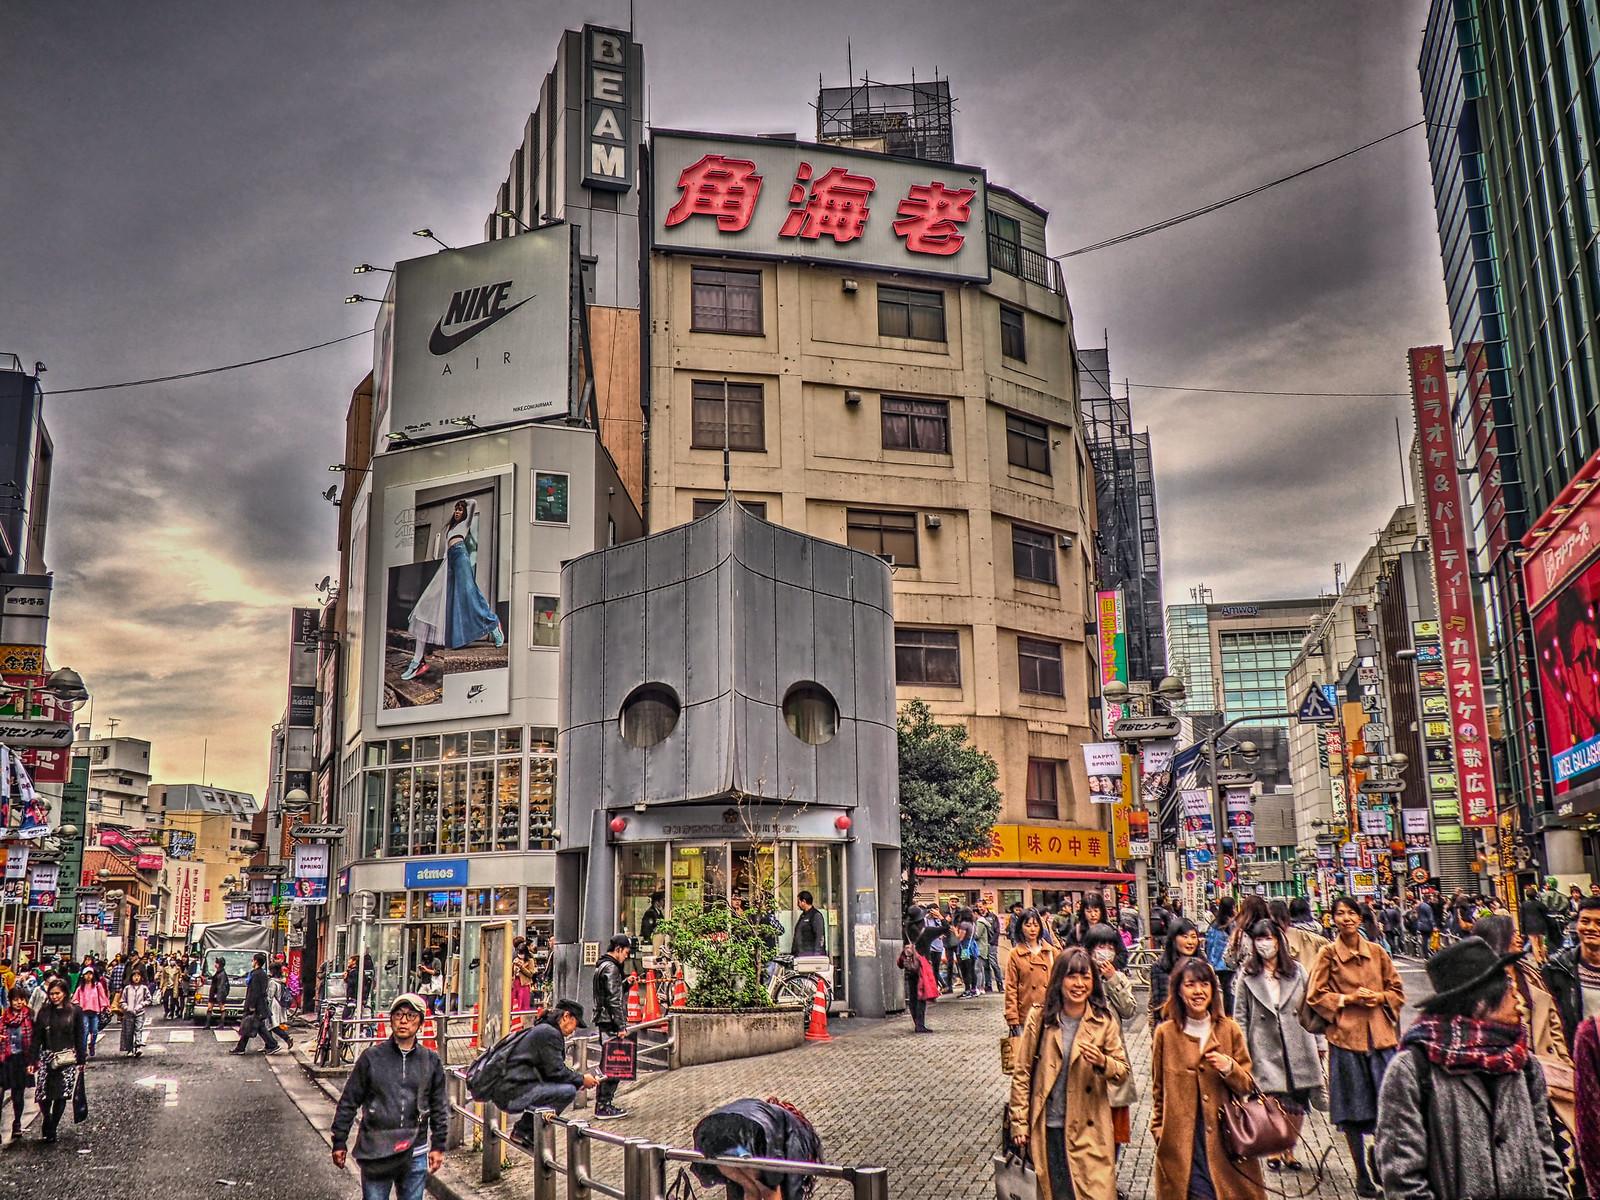 警察 署 渋谷 渋谷警察署の免許更新手続の案内